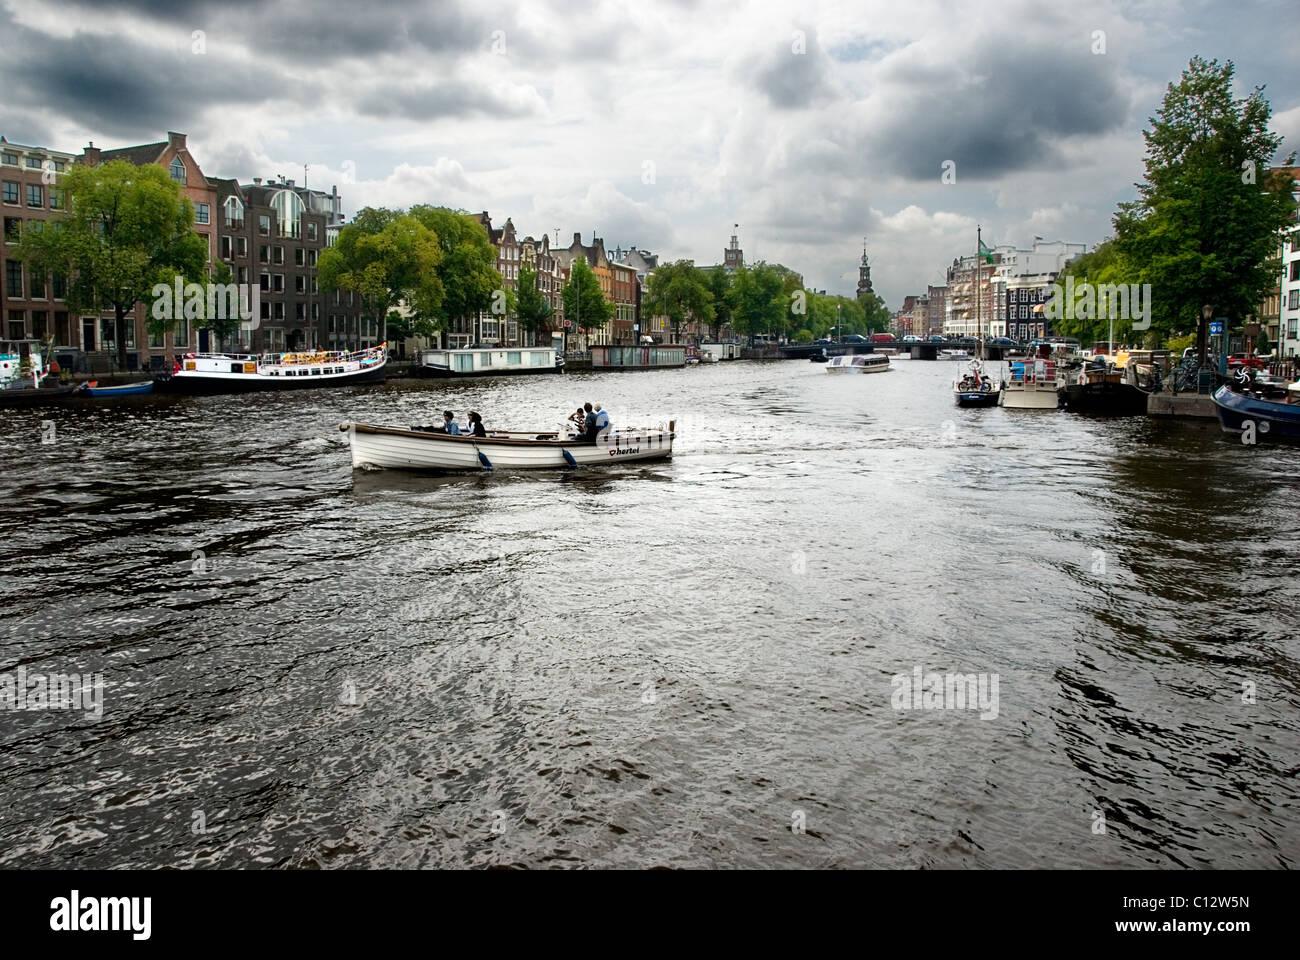 Barcos de canal en Ámsterdam, Holanda Imagen De Stock